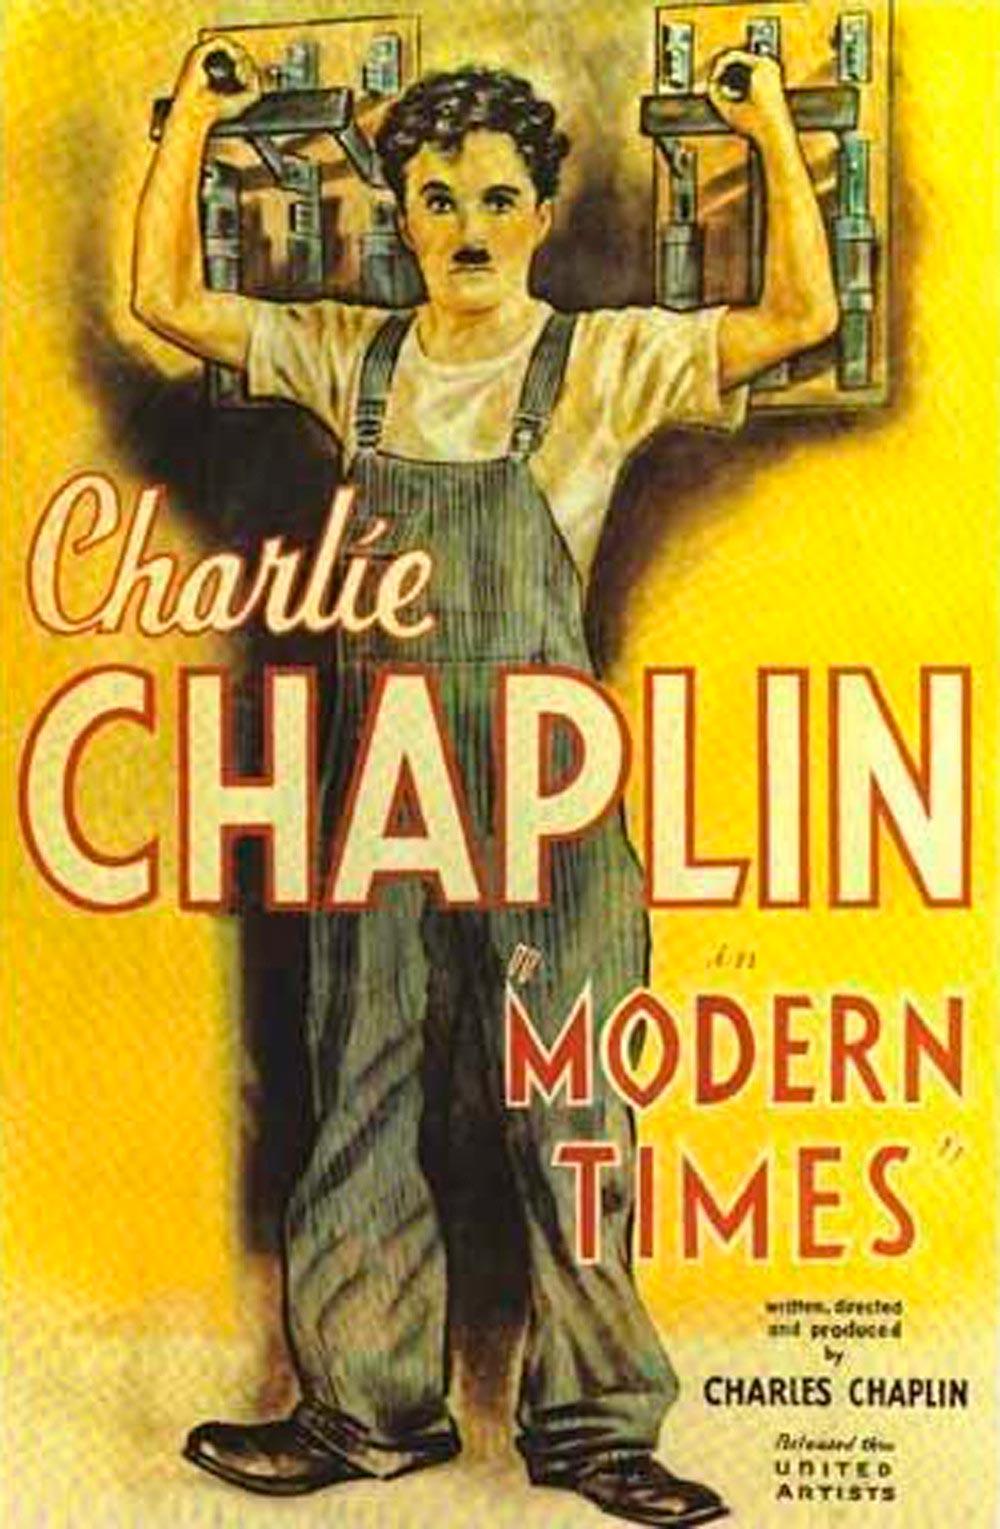 tiempos modernos modern times poster